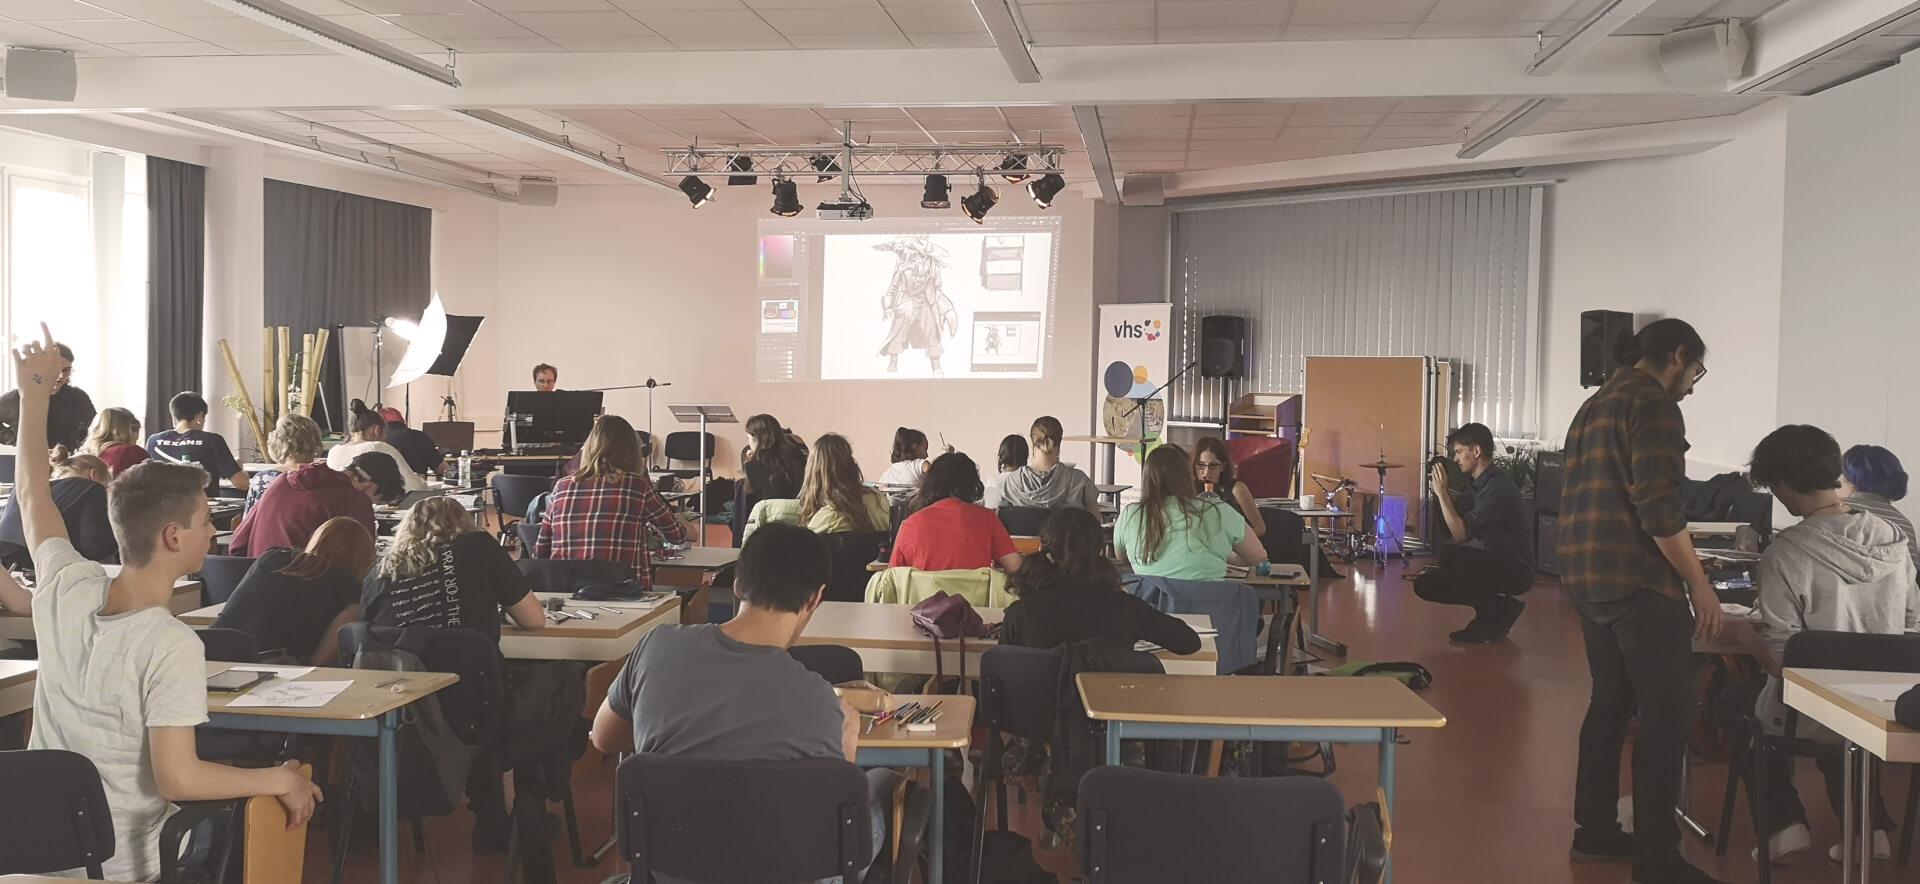 zeichenfest rostock volkshochschule 2019 foto von maxim simonenko